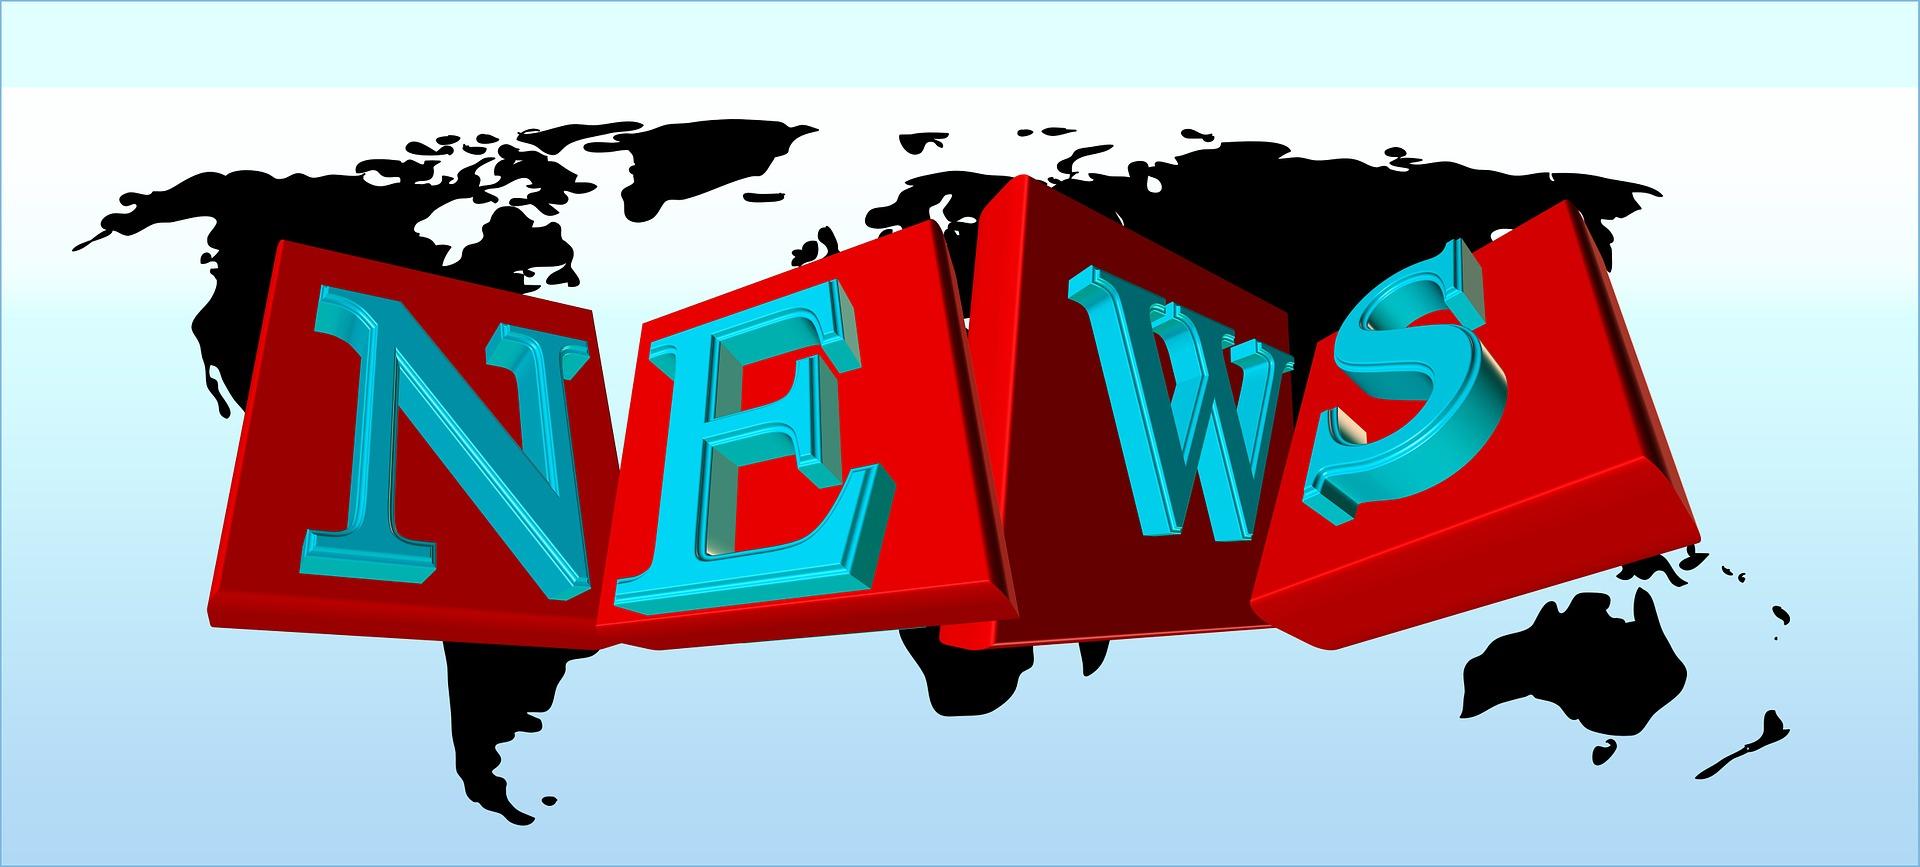 政治経済 世界のニュース編 「世界経済は深刻な不況への引き金を引いている」のか